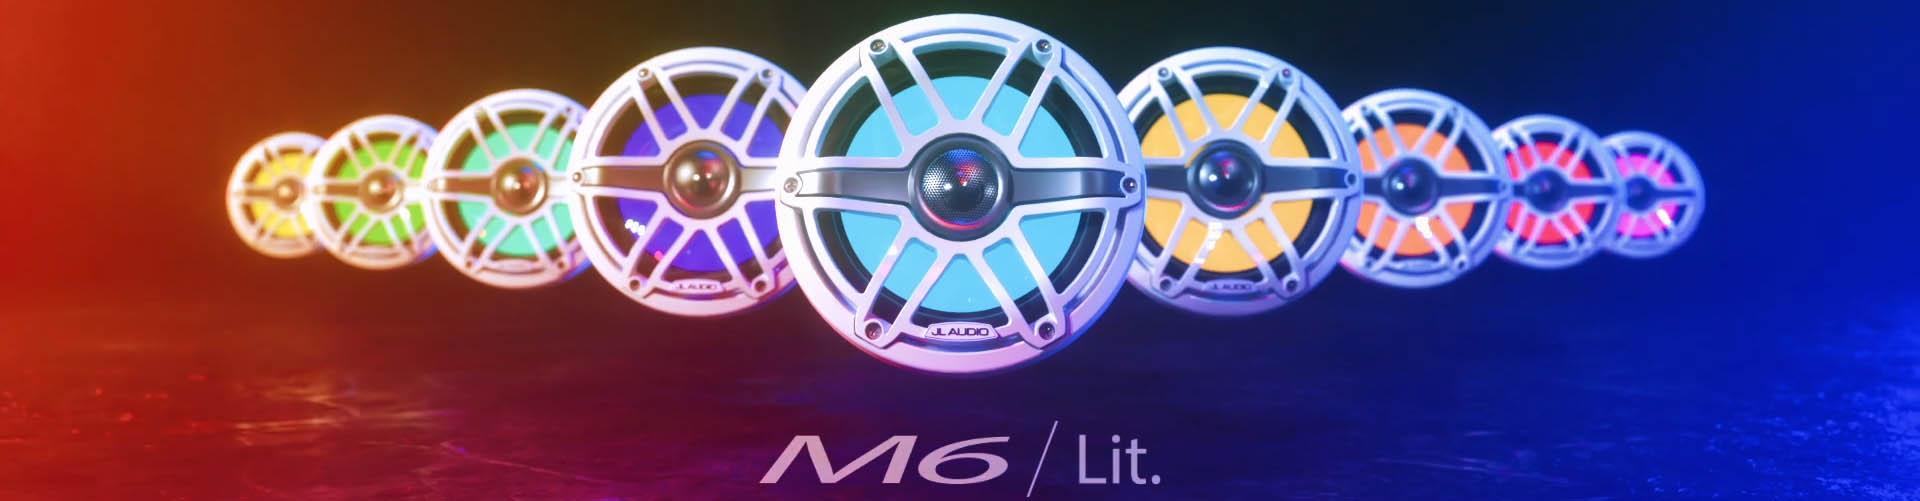 JL Audio M6 Speaker Family - Lit